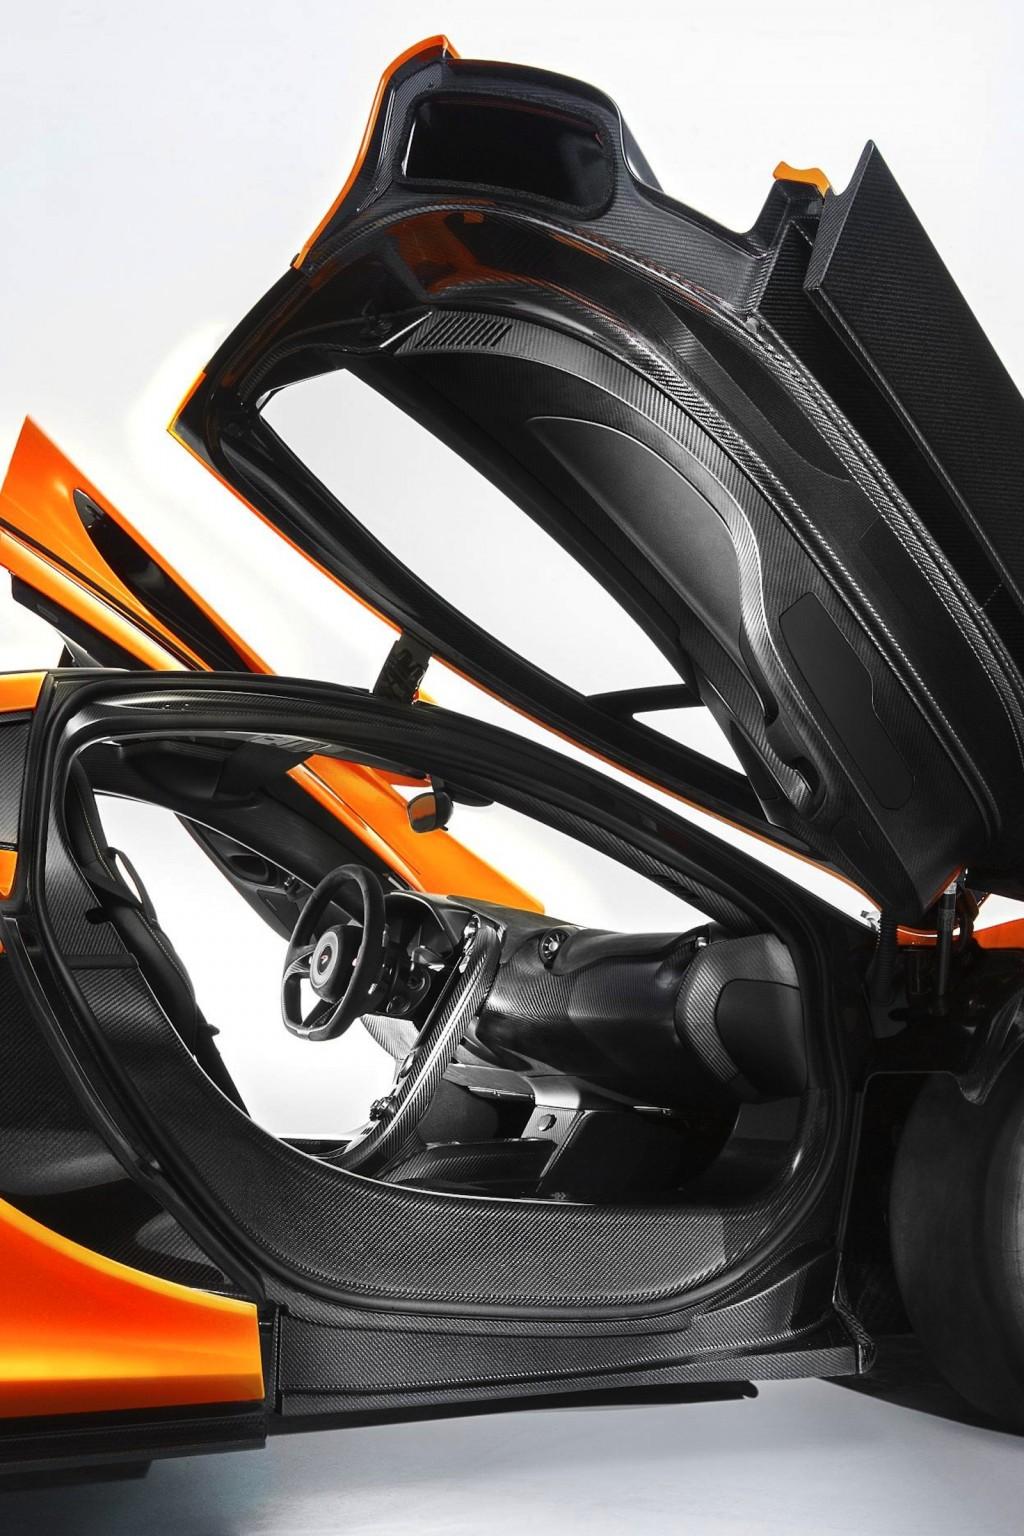 The McLaren P1's interior - image: McLaren